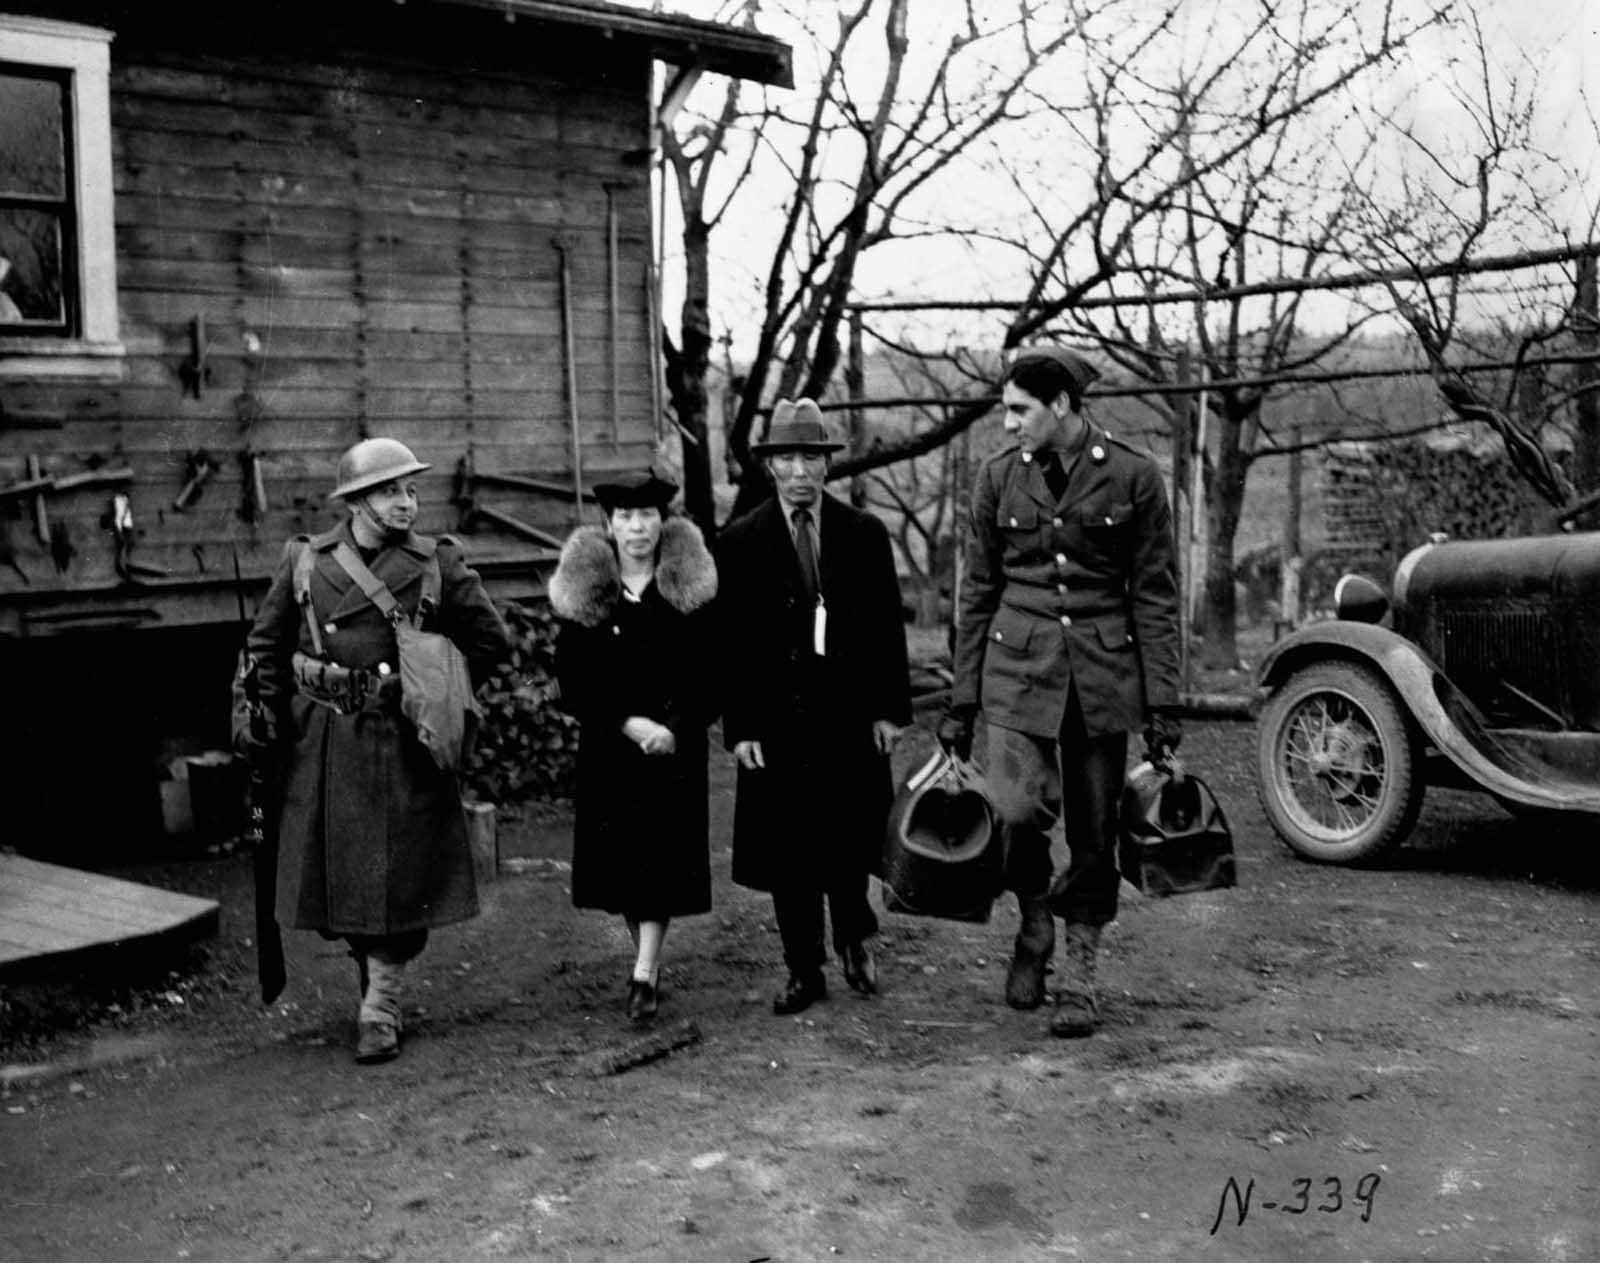 Los soldados escoltan a una pareja de ancianos japoneses-estadounidenses desde su hogar en la isla de Bainbridge, Washington.